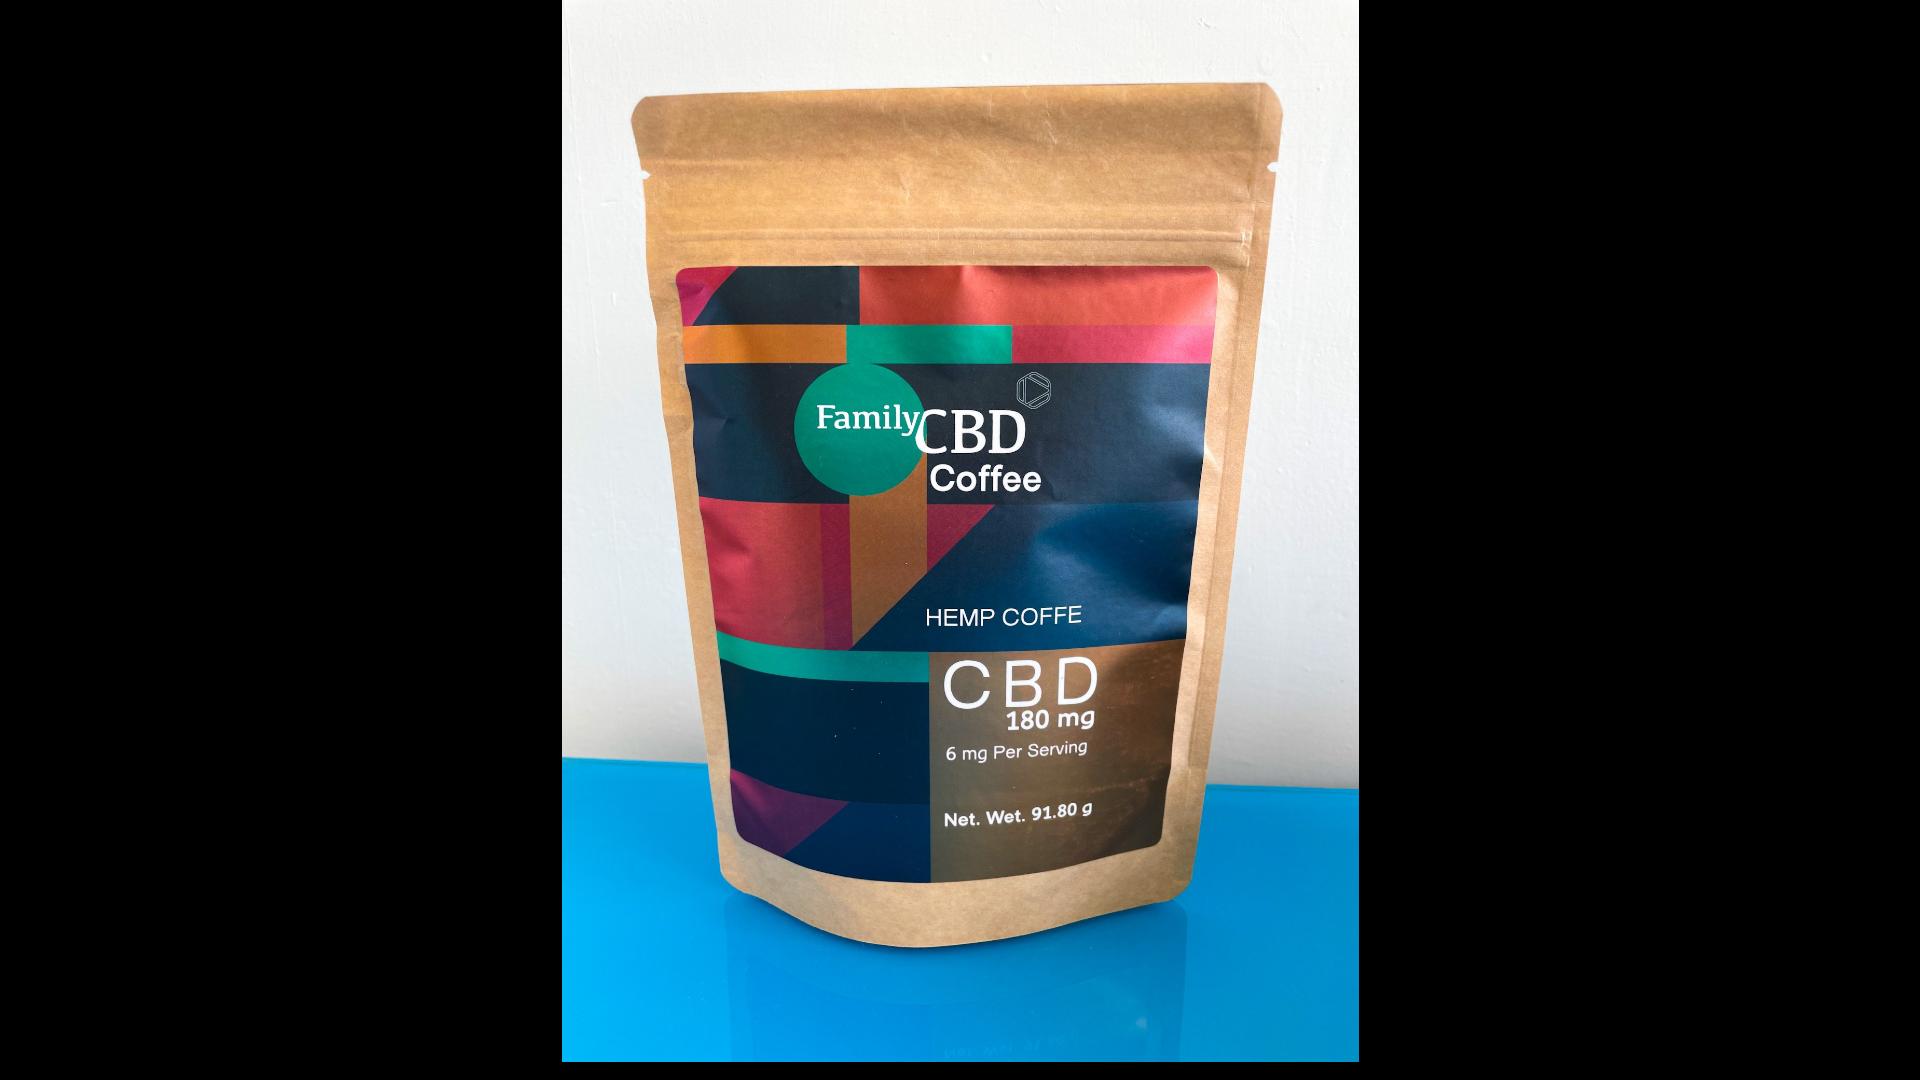 Café con CBD y lúpulo (Family CBD)